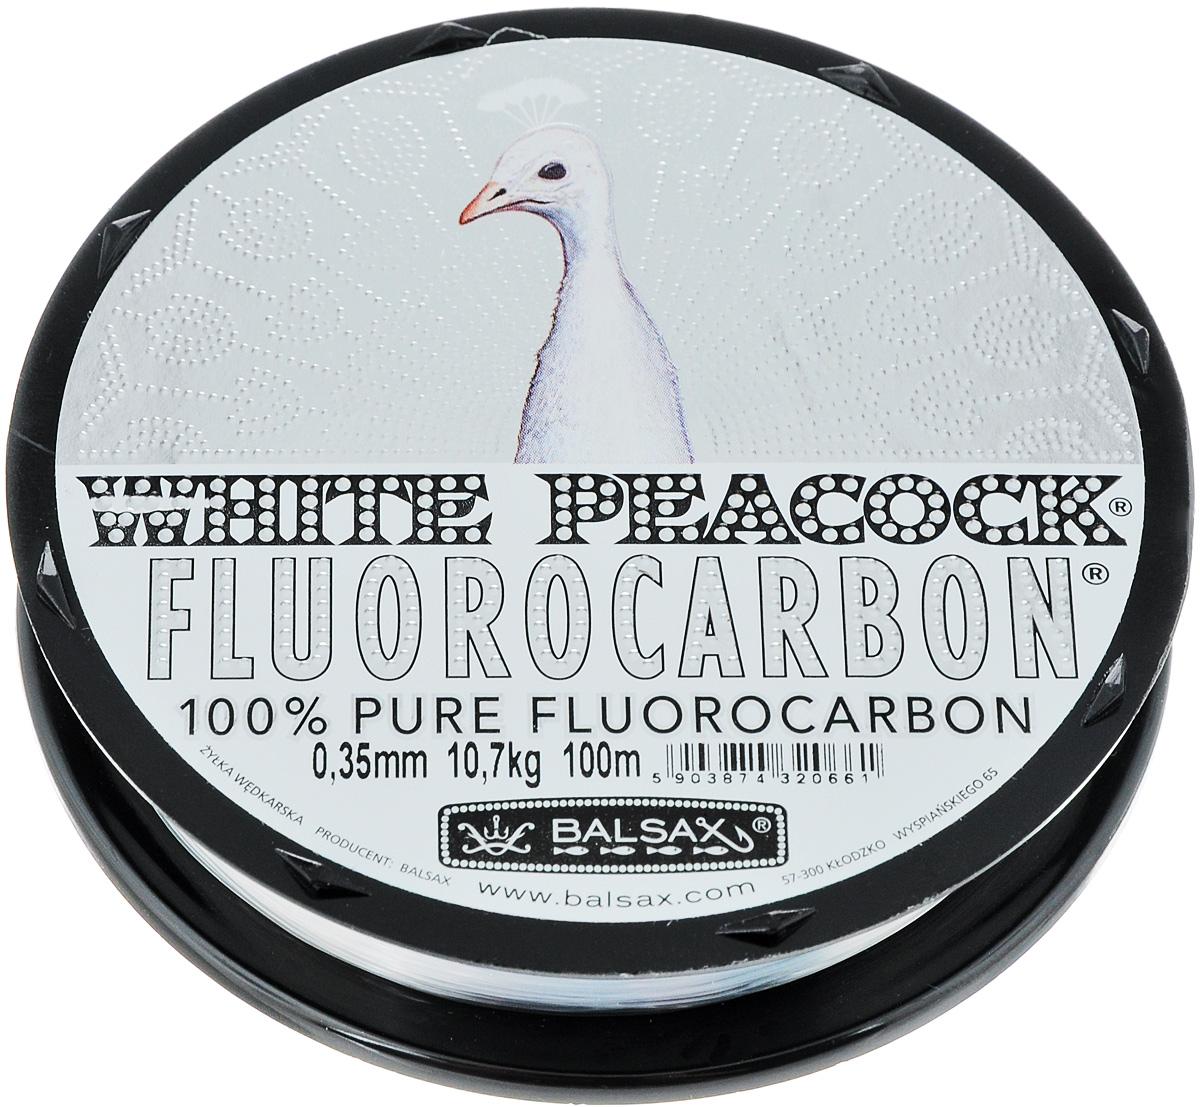 Леска флюорокарбоновая Balsax White Peacock, 100 м, 0,35 мм, 10,7 кг314-08035Флюорокарбоновая леска Balsax White Peacock становится абсолютно невидимой в воде. Обычные лески отражают световые лучи, поэтому рыбы их обнаруживают. Флюорокарбон имеет приближенный к воде коэффициент преломления, поэтому пропускает сквозь себя свет, не давая отражений. Рыбы не видят флюорокарбон. Многие рыболовы во всем мире используют подобные лески в качестве поводковых, благодаря чему получают более лучшие результаты. Флюорокарбон на 50% тяжелее обычных лесок и на 78% тяжелее воды. Понятно, почему этот материал используется для рыболовных лесок, он тонет очень быстро. Флюорокарбон не впитывает воду даже через 100 часов нахождения в ней. Обычные лески впитывают до 10% воды в течение 24 часов, что приводит к потере 5 - 10% прочности. Сопротивляемость флюорокарбона к истиранию значительно больше, чем у обычных лесок. Он выдерживает температуры от -40°C до + 160°C.